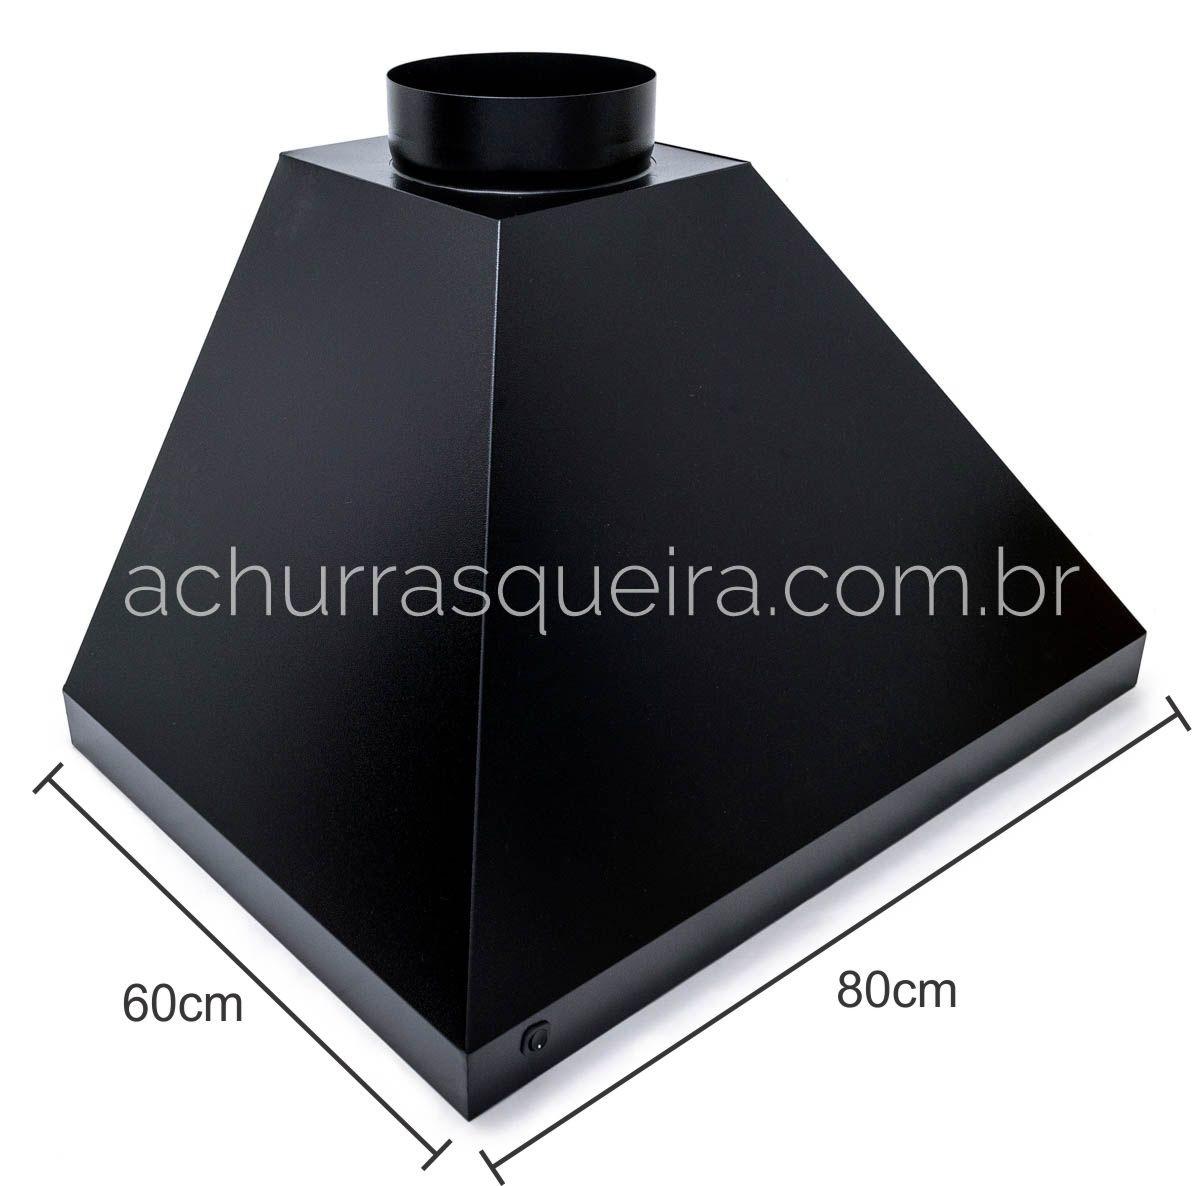 Churrasqueira c/ Coifa Preta 80x60cm - Suporte de Fundo c/ 2 Grelhas e Porta Espetos - Braseiro de Embutir 50x40cm Inox 304/Gal